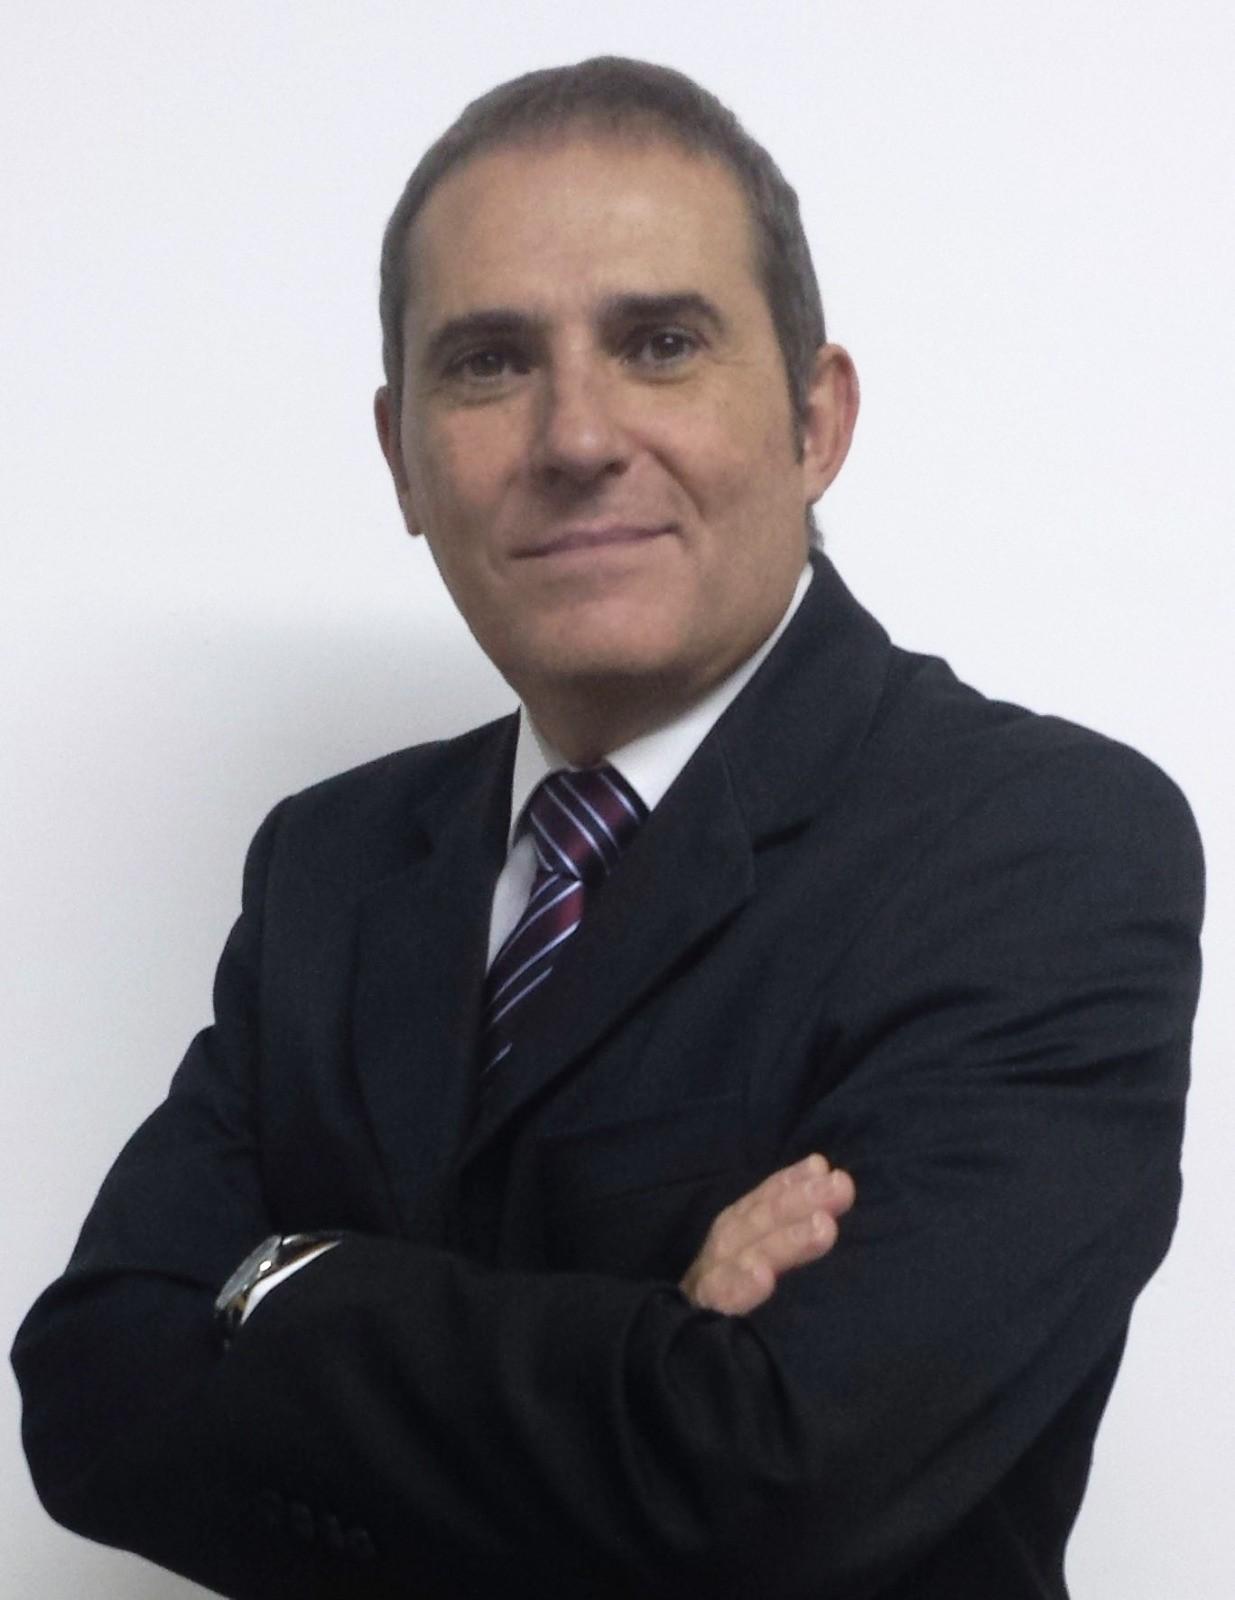 Miguel Ángel Cros Campos